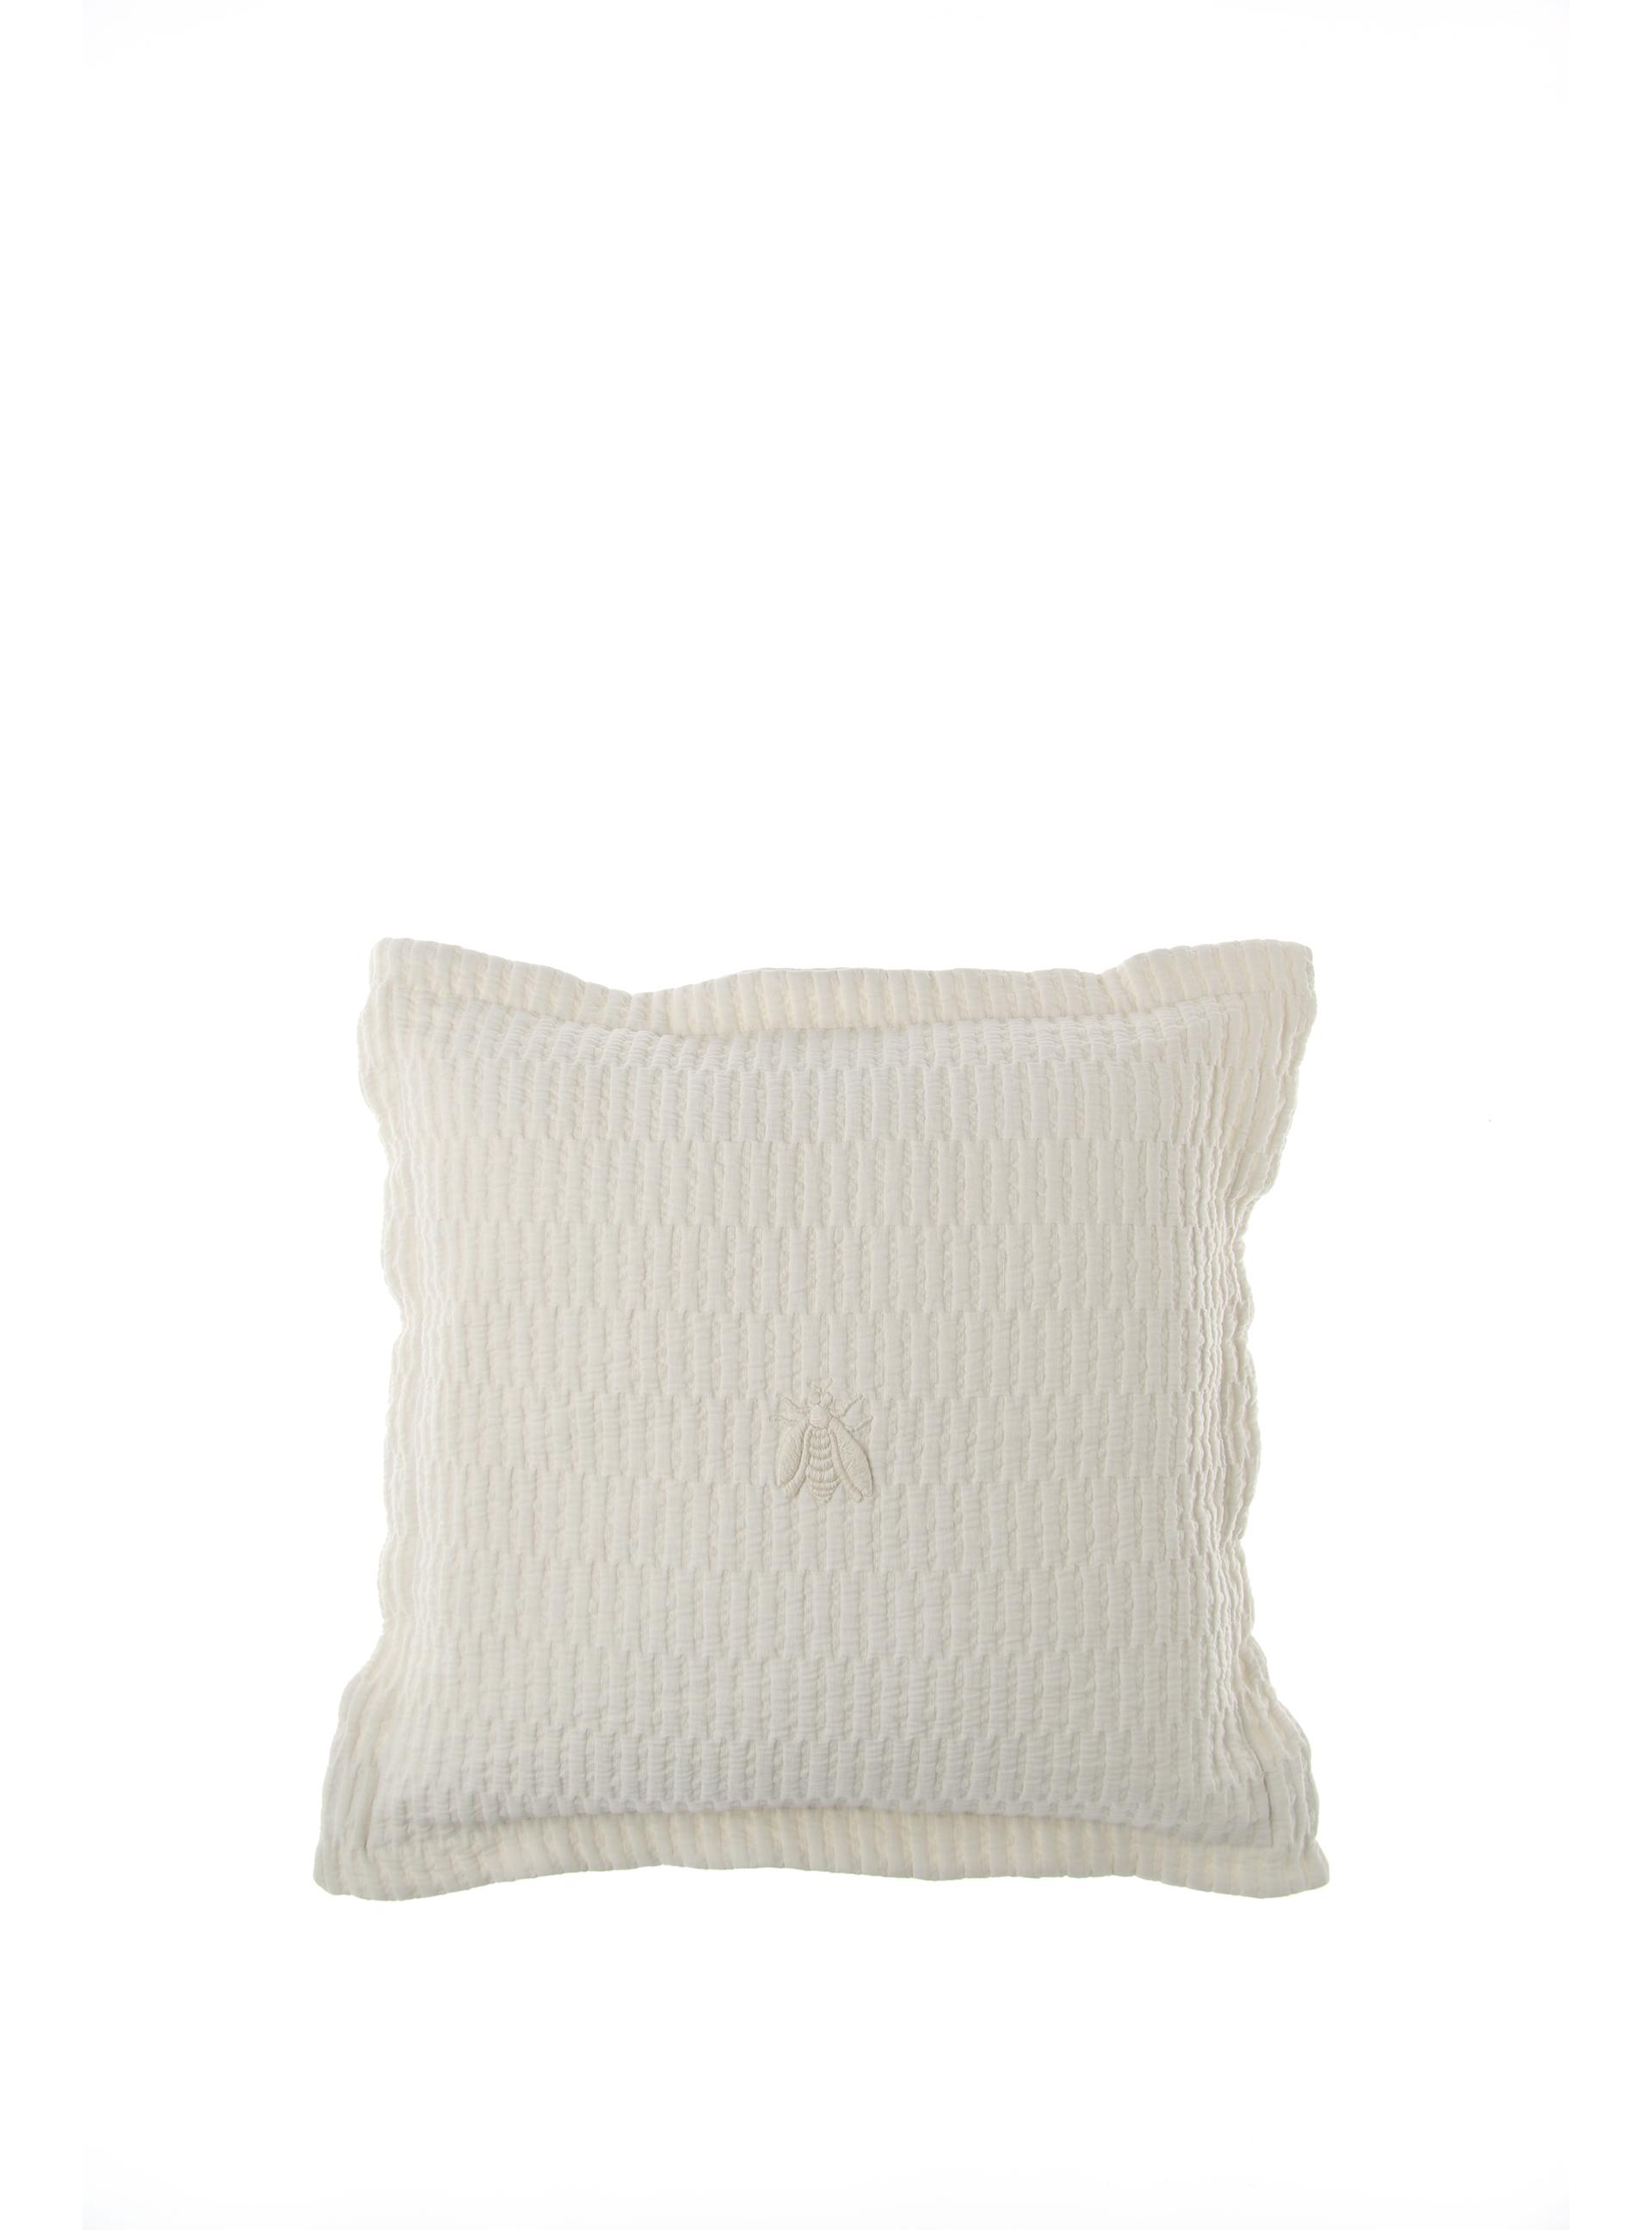 Mastro Raphael q40b1002 -10% pillows zuhause white | Sorelle Ramonda